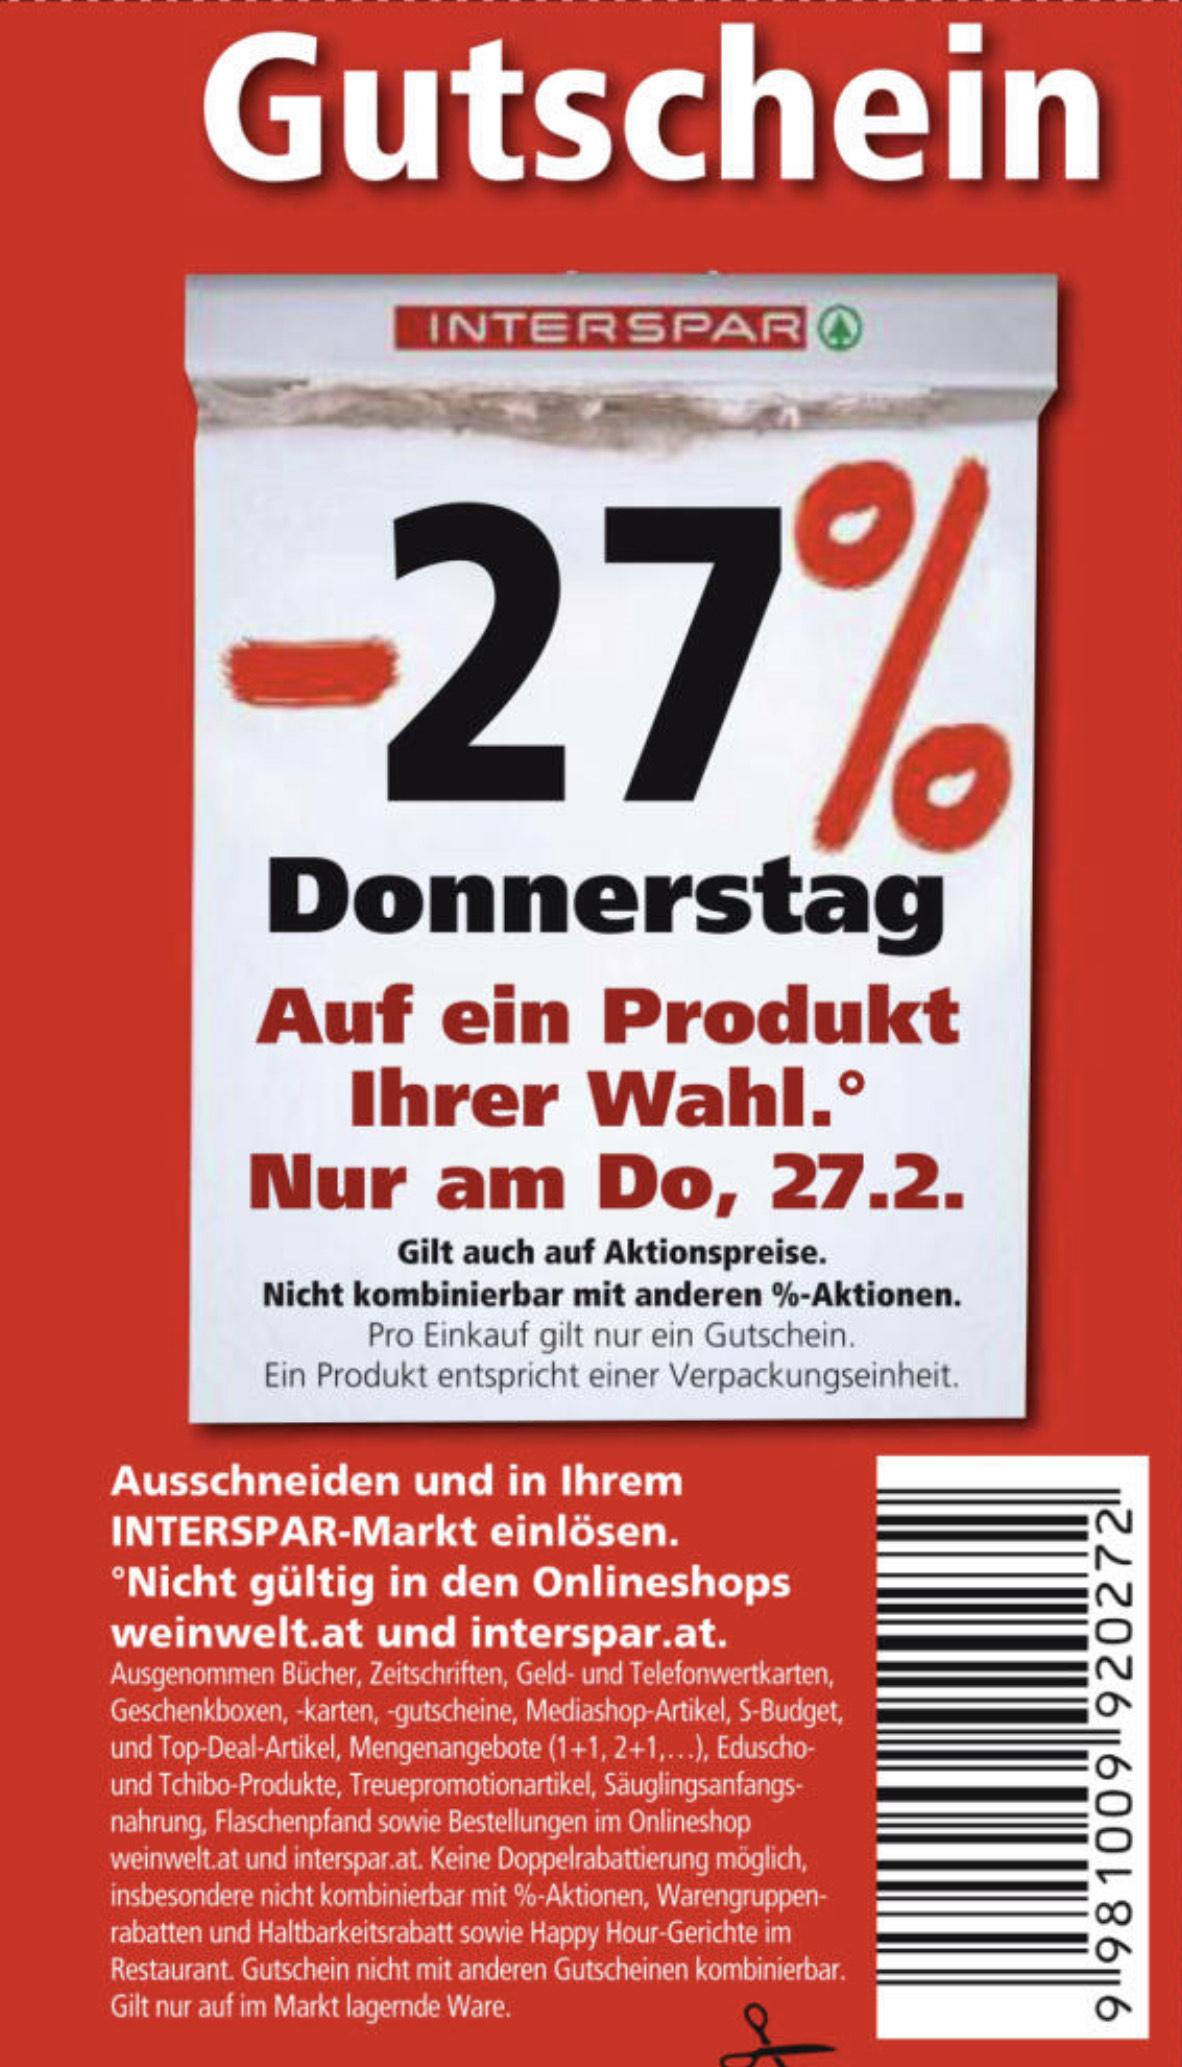 (Update Leak) Interspar -27% am 27.02.2020 Donnerstag